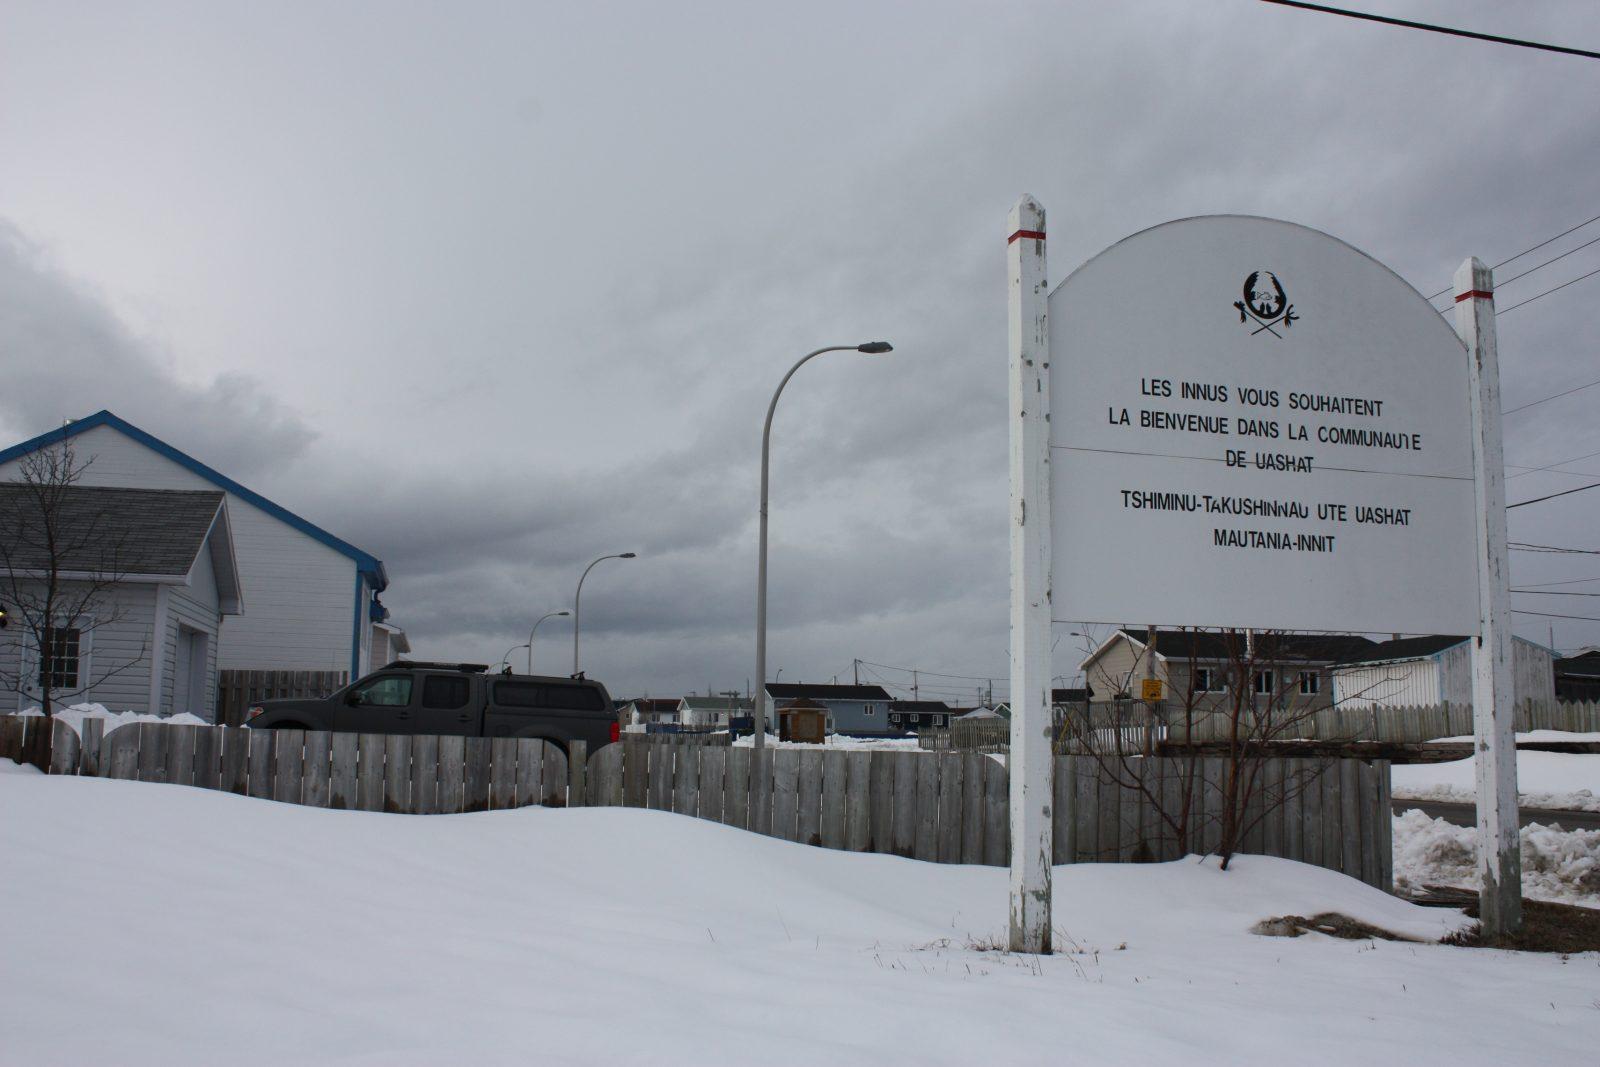 Suicides à Uashat mak Mani-Utenam: Québec ouvre une enquête